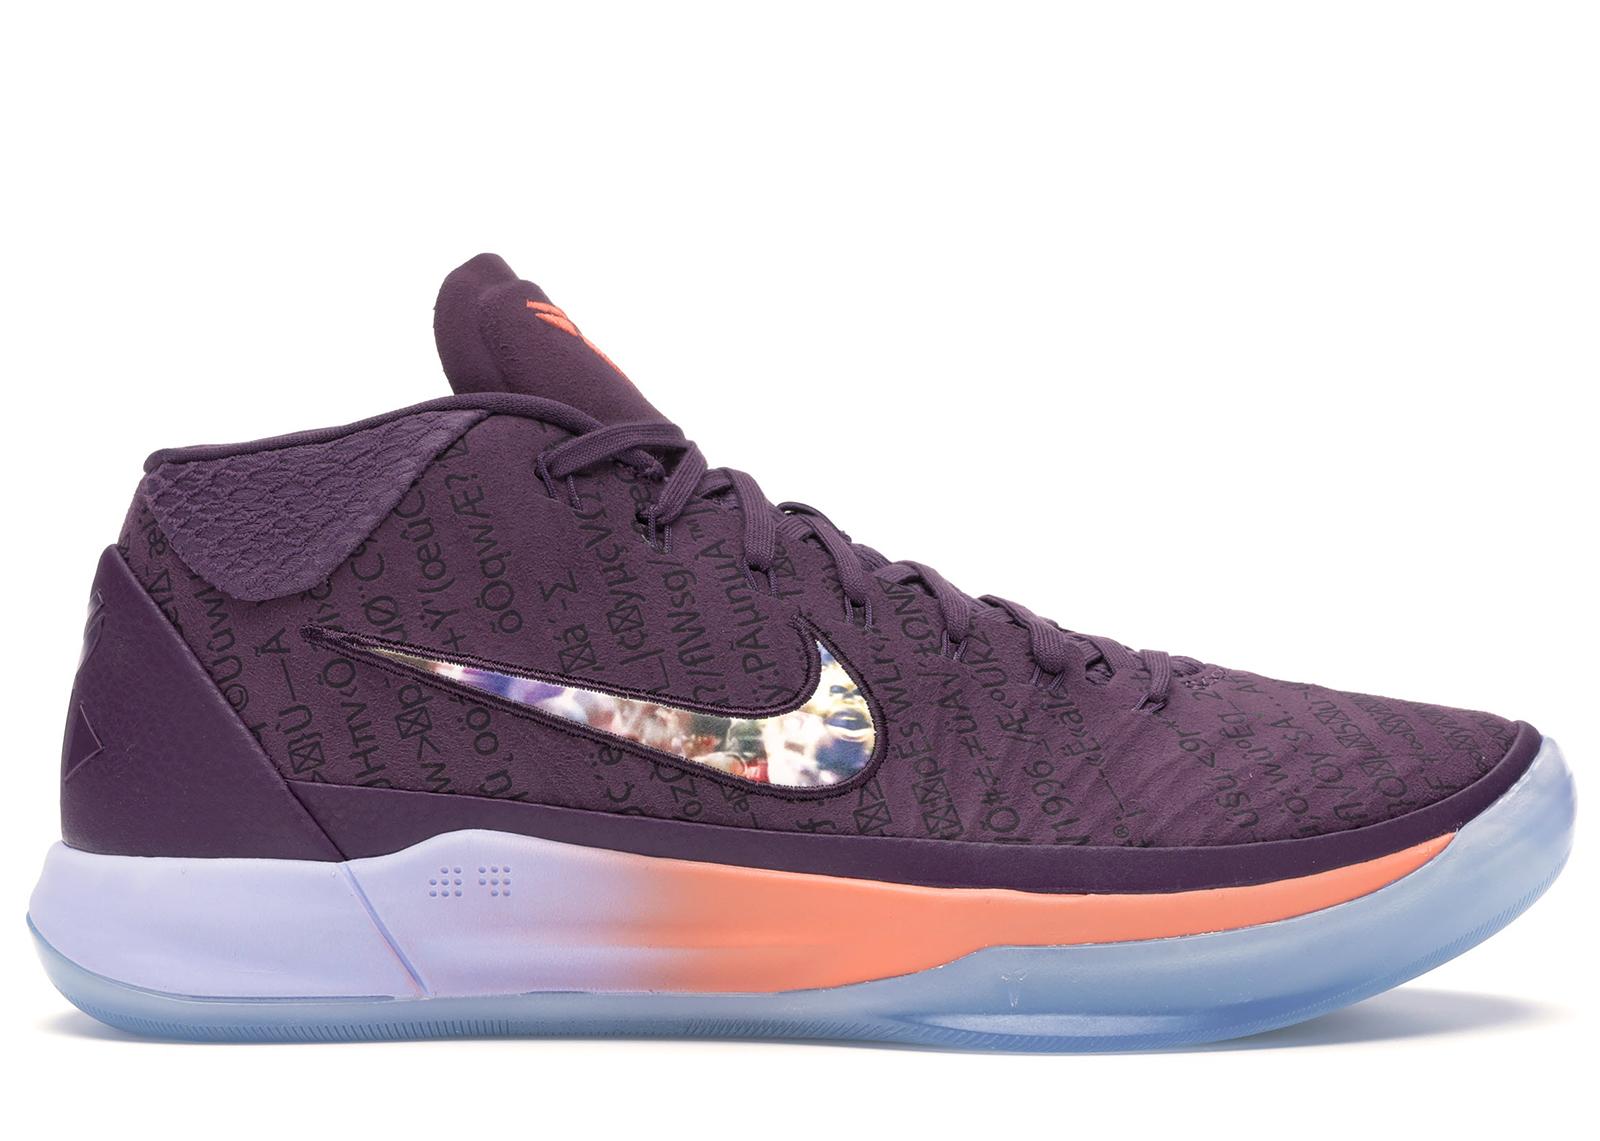 Nike Kobe A.D. Devin Booker PE - AQ2721-500